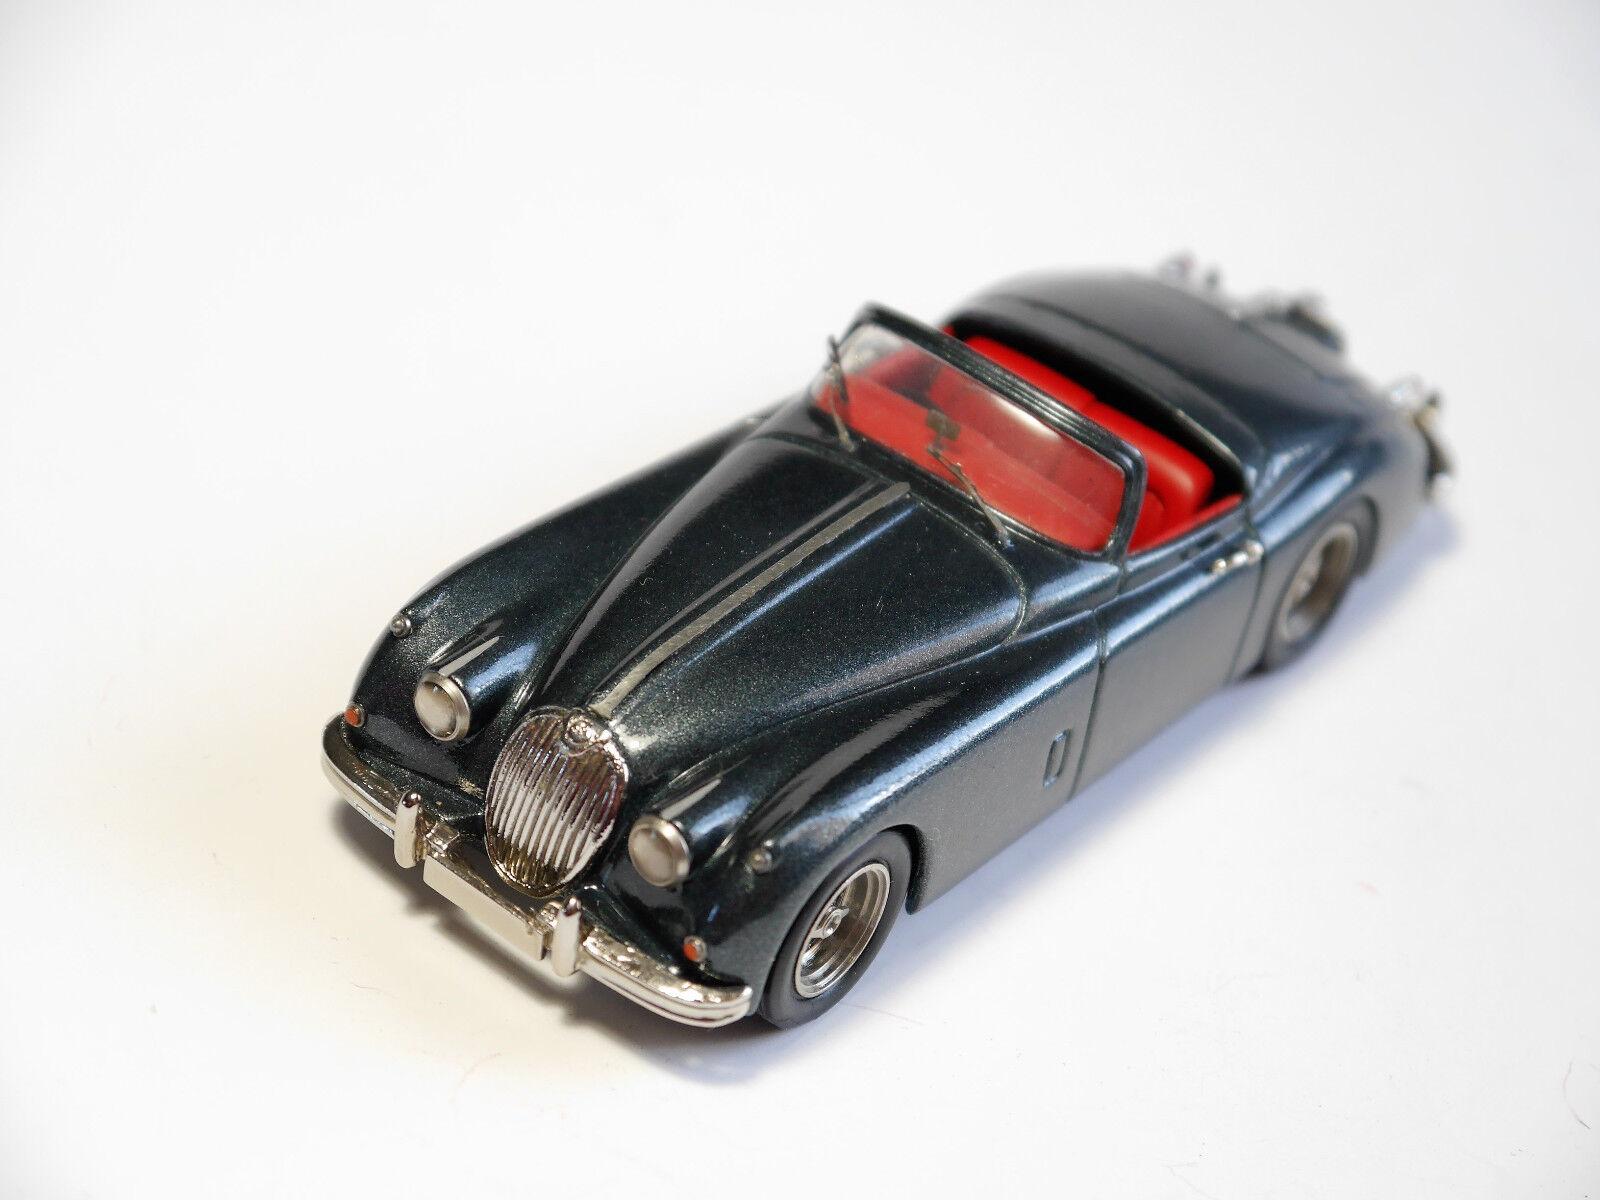 diseño único Jaguar XK 150 Roadster, a a a mano Handmade tancré-a.m. reputación  54 en 1 43   disfrutando de sus compras